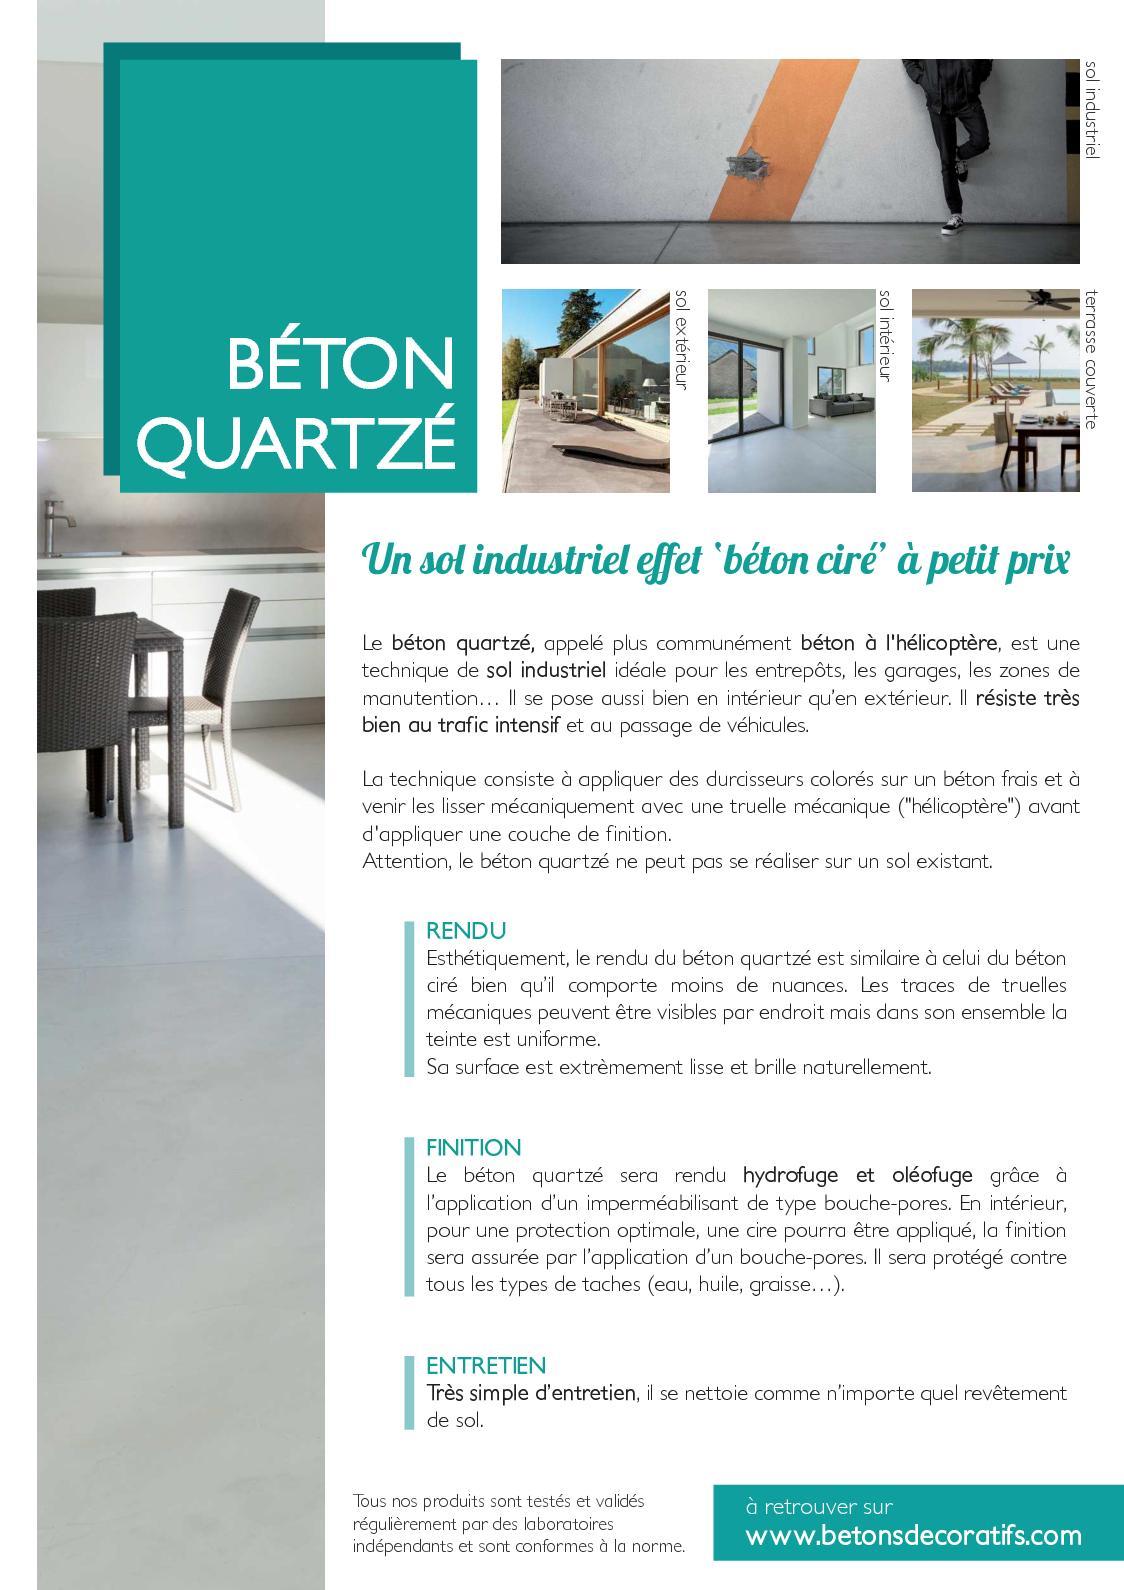 Pose Beton Ciré Exterieur calaméo - fiche produit béton quartzé